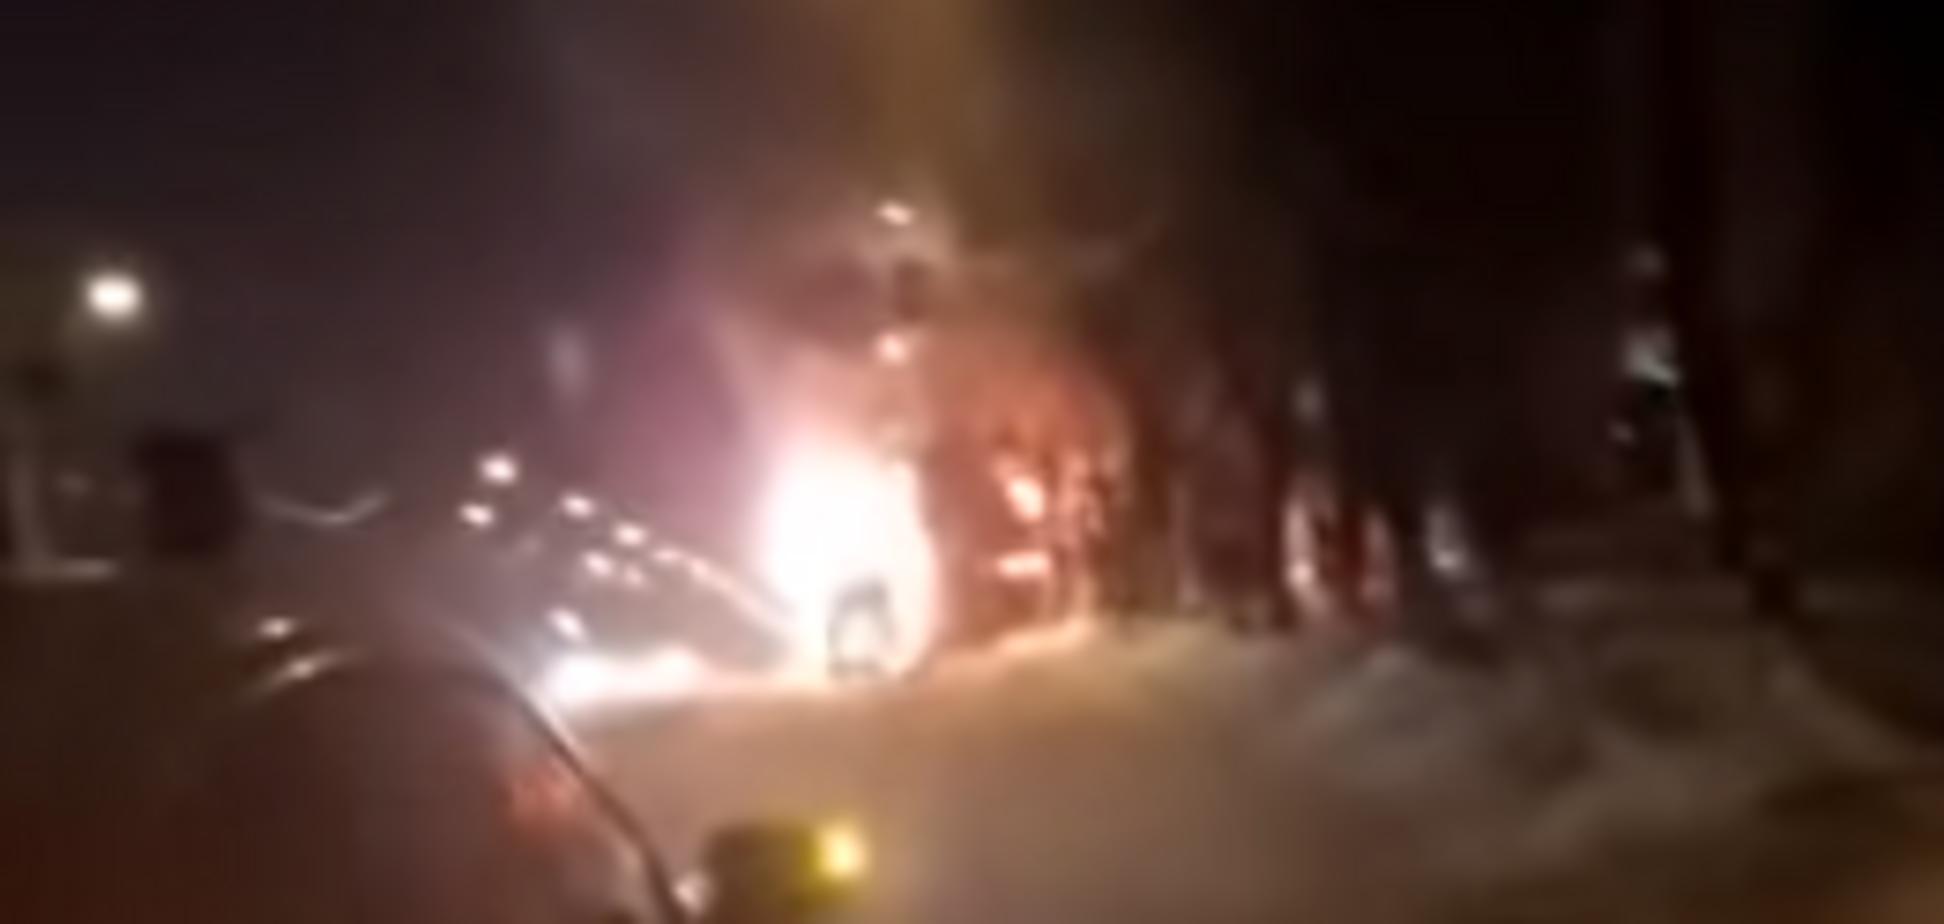 ''Люди валяются горелые!'' В сети всплыло новое видео со взрывом ''начиненной'' маршрутки в Магнитогорске